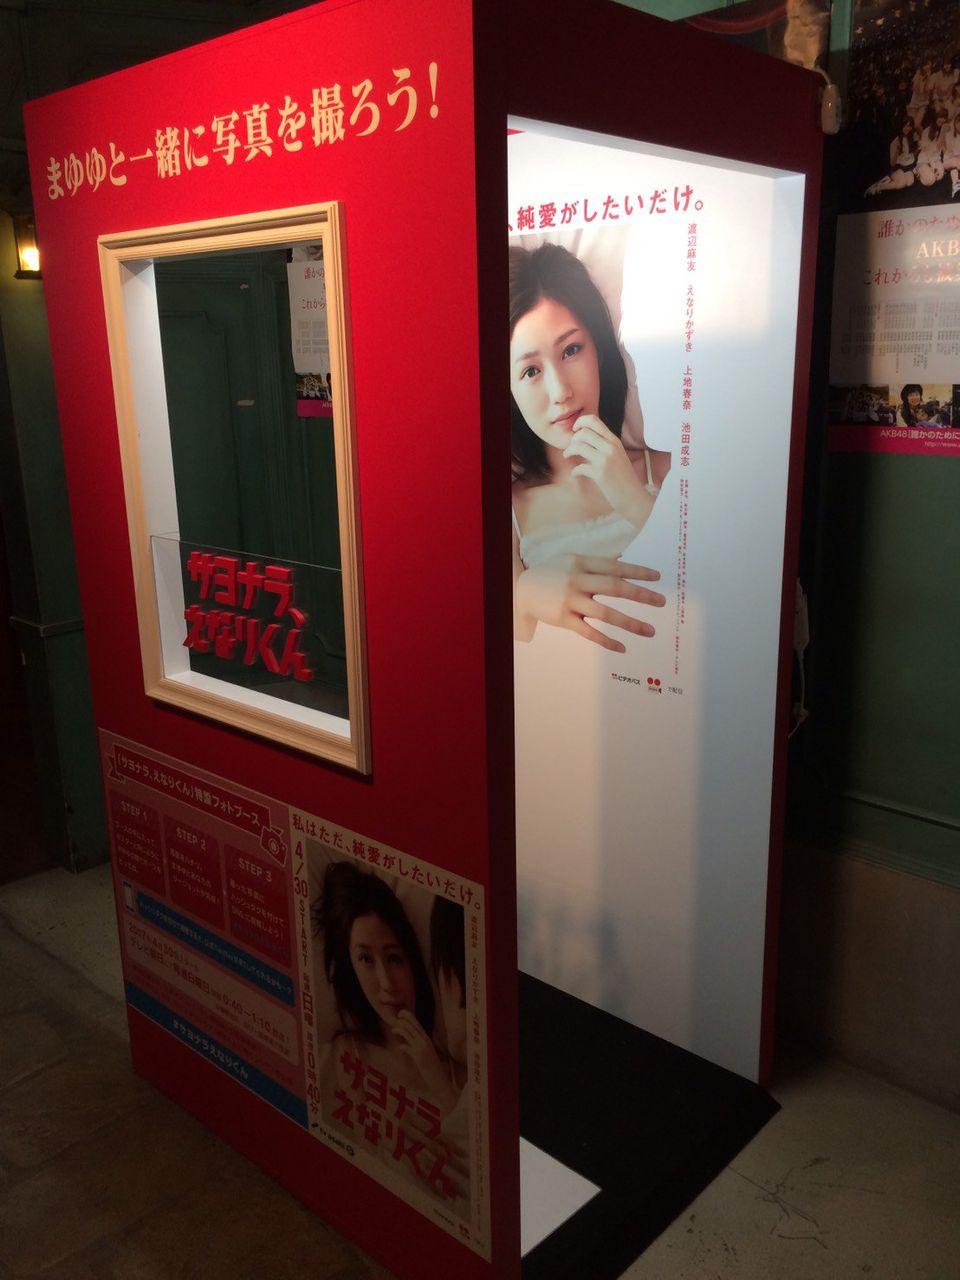 【朗報】本日からAKB48劇場にまゆゆと『#サヨナラえなりくん』ごっこ撮影ブースが設置wwwwww